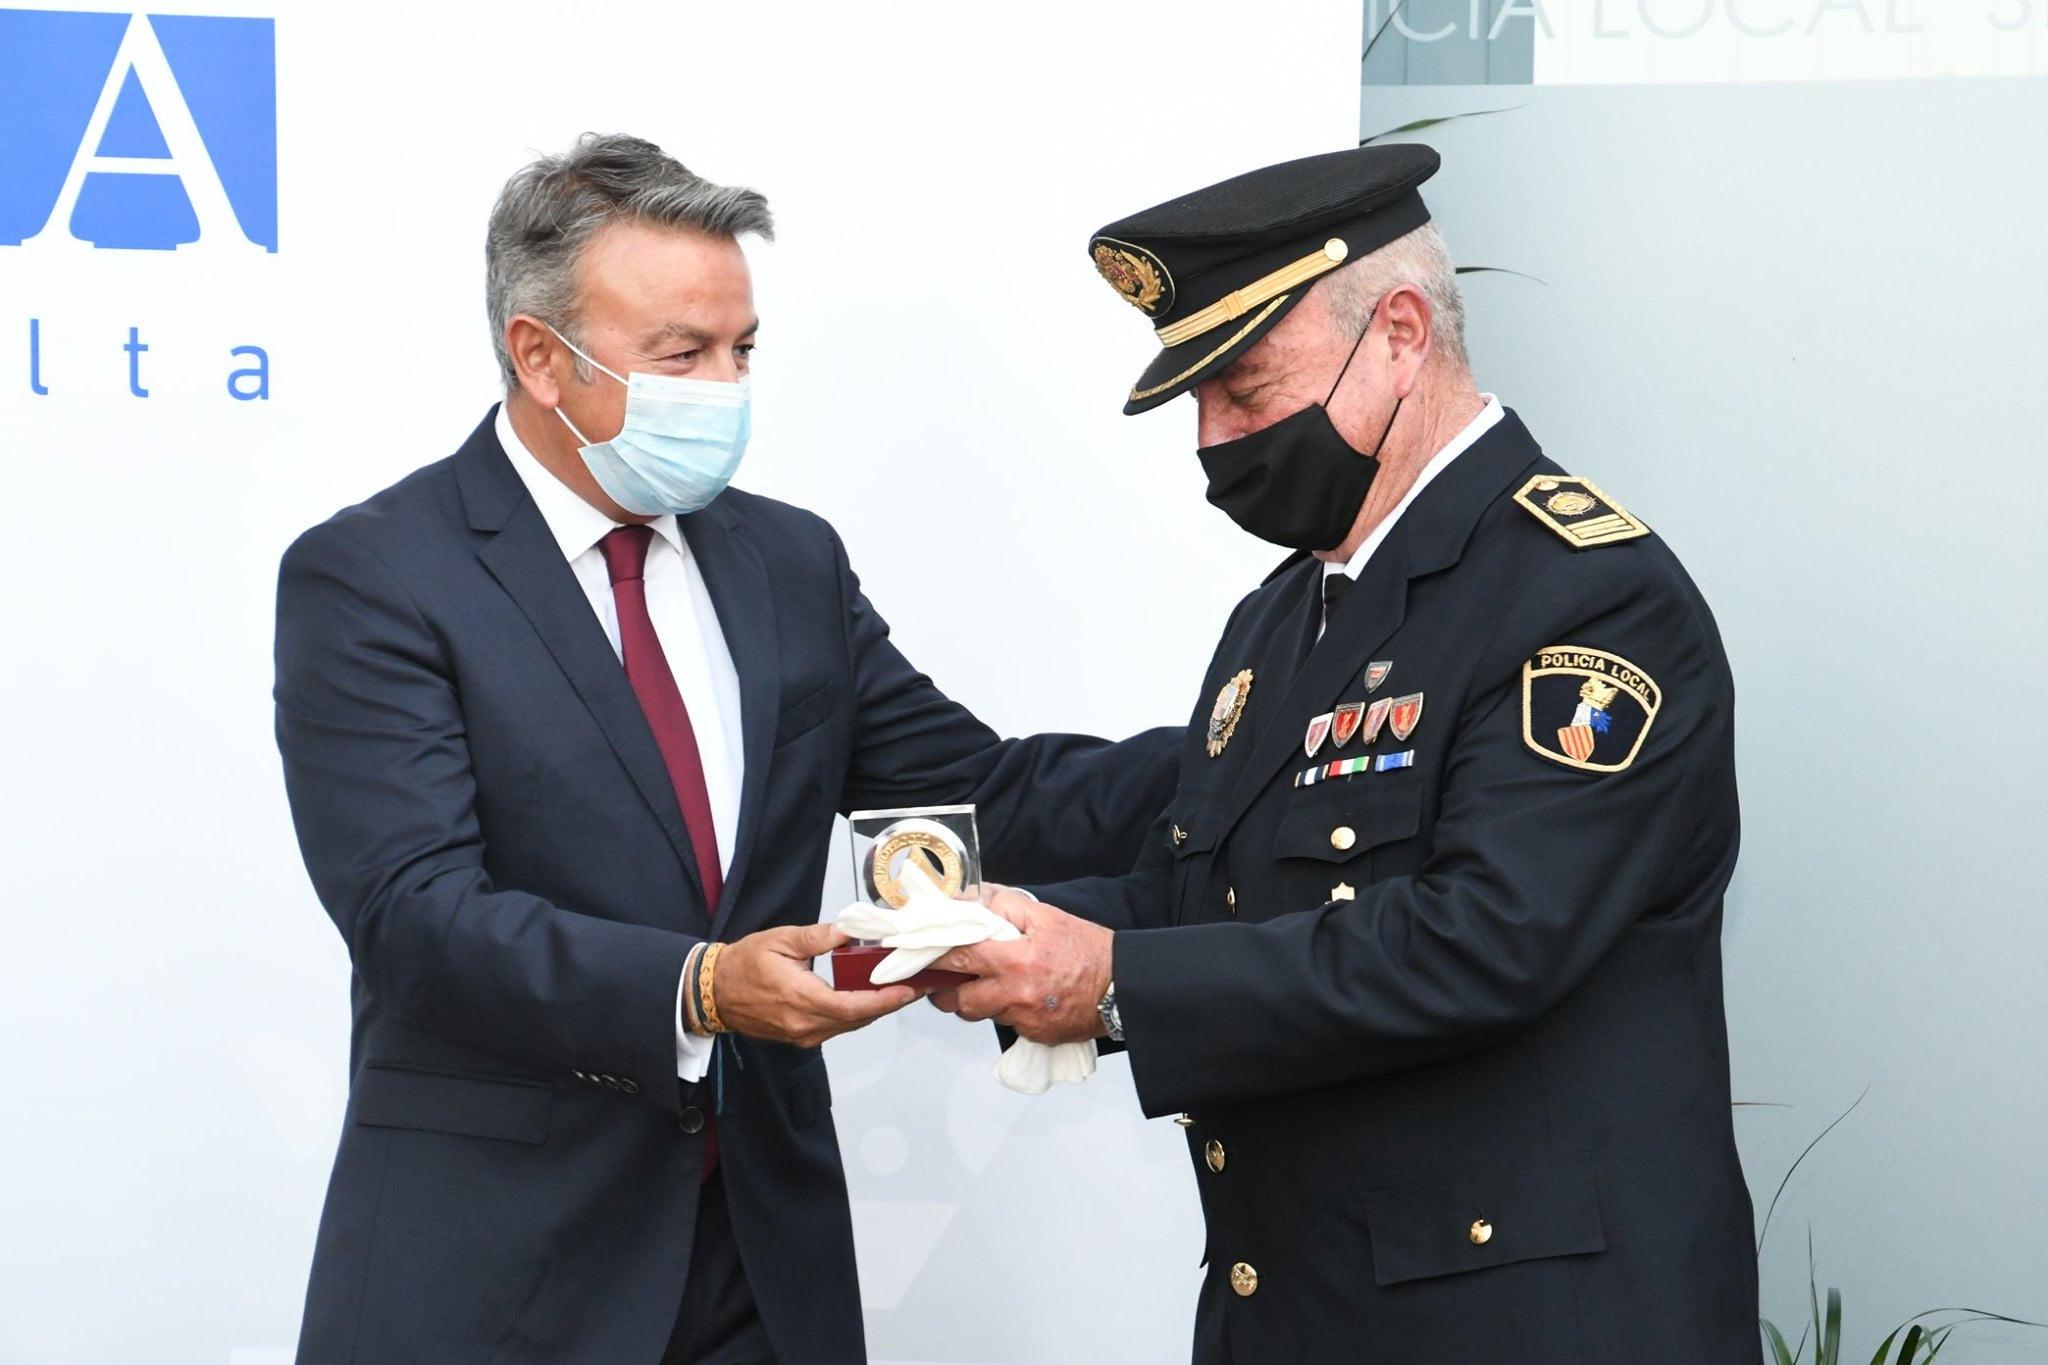 Entrega de la Distinción al Mérito Policial